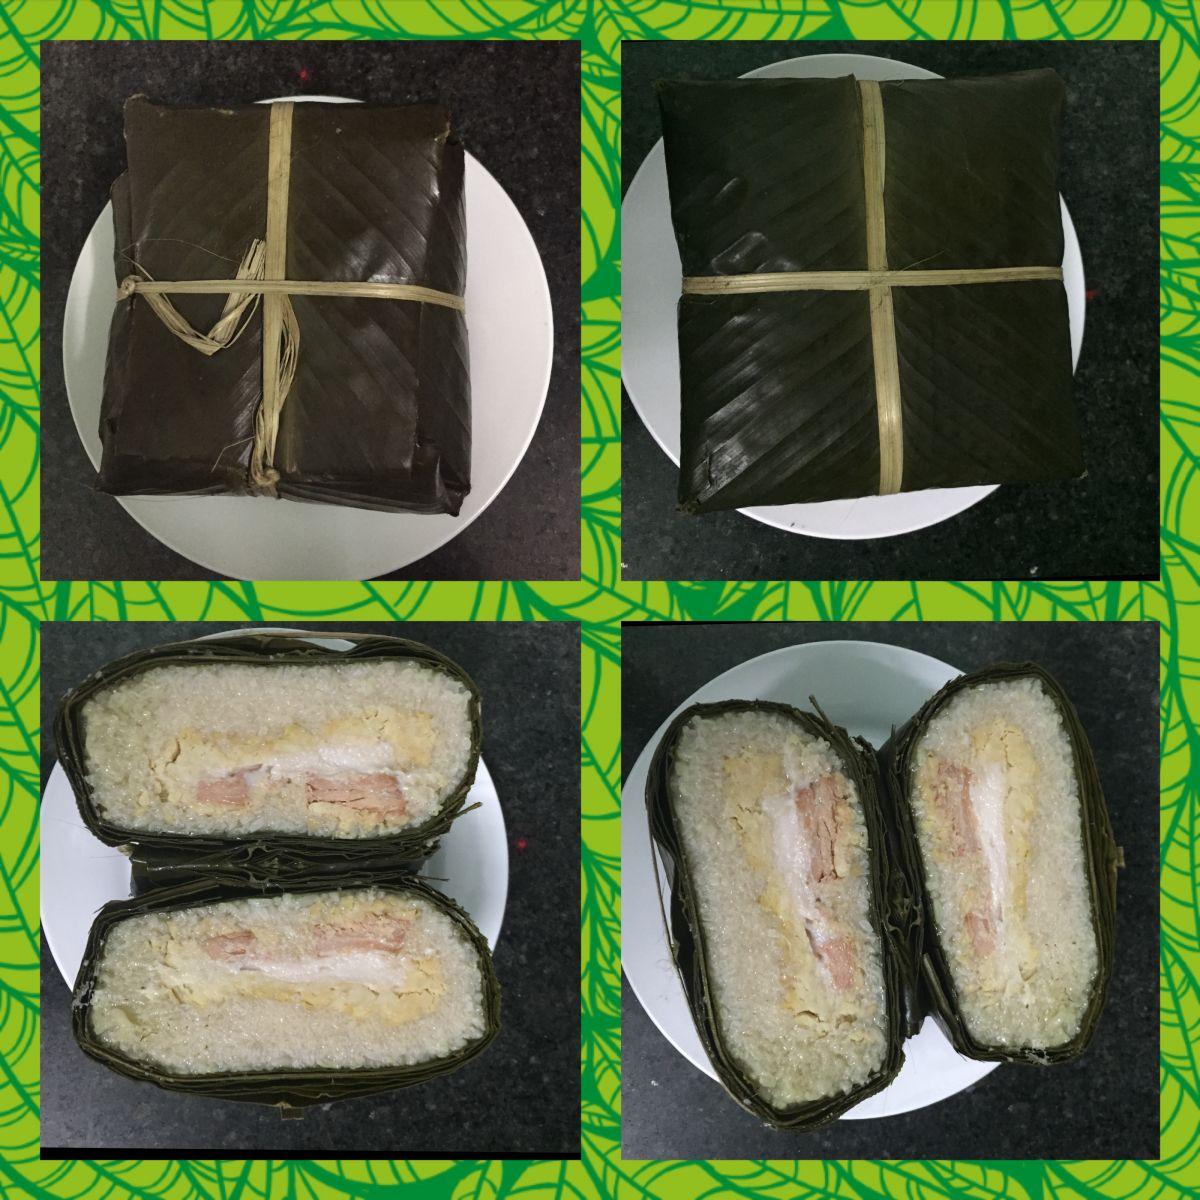 bánh chưng Minh Thu